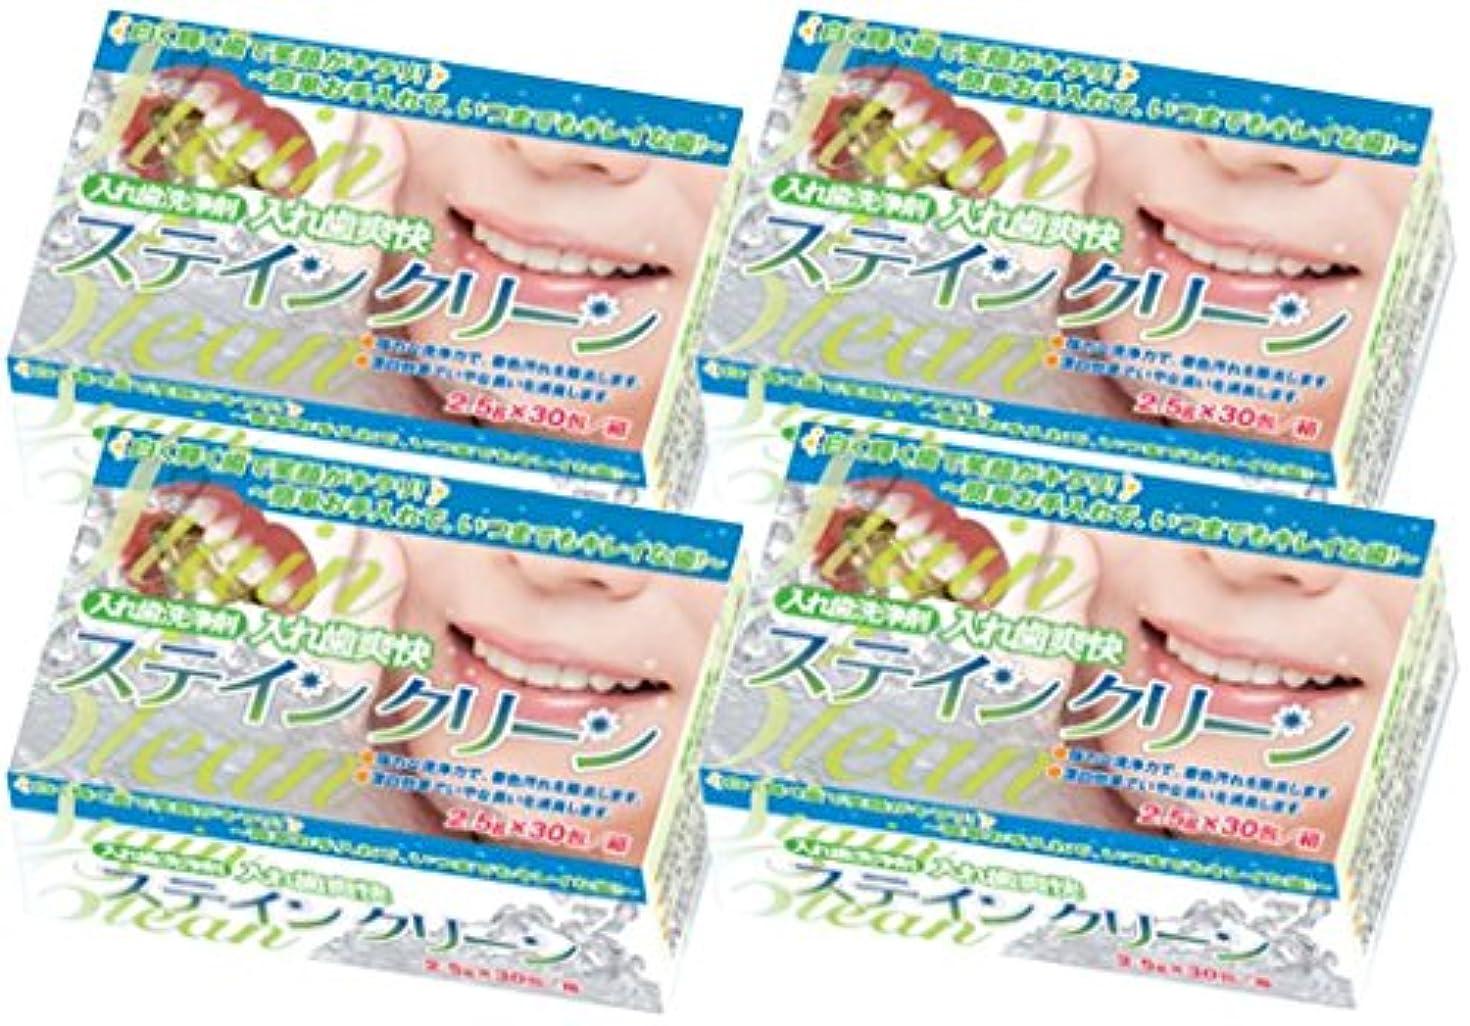 愛されし者ボンド火炎入れ歯爽快 ステインクリーン 1箱(2.5g × 30包入り) 歯科医院専売品 (4箱)